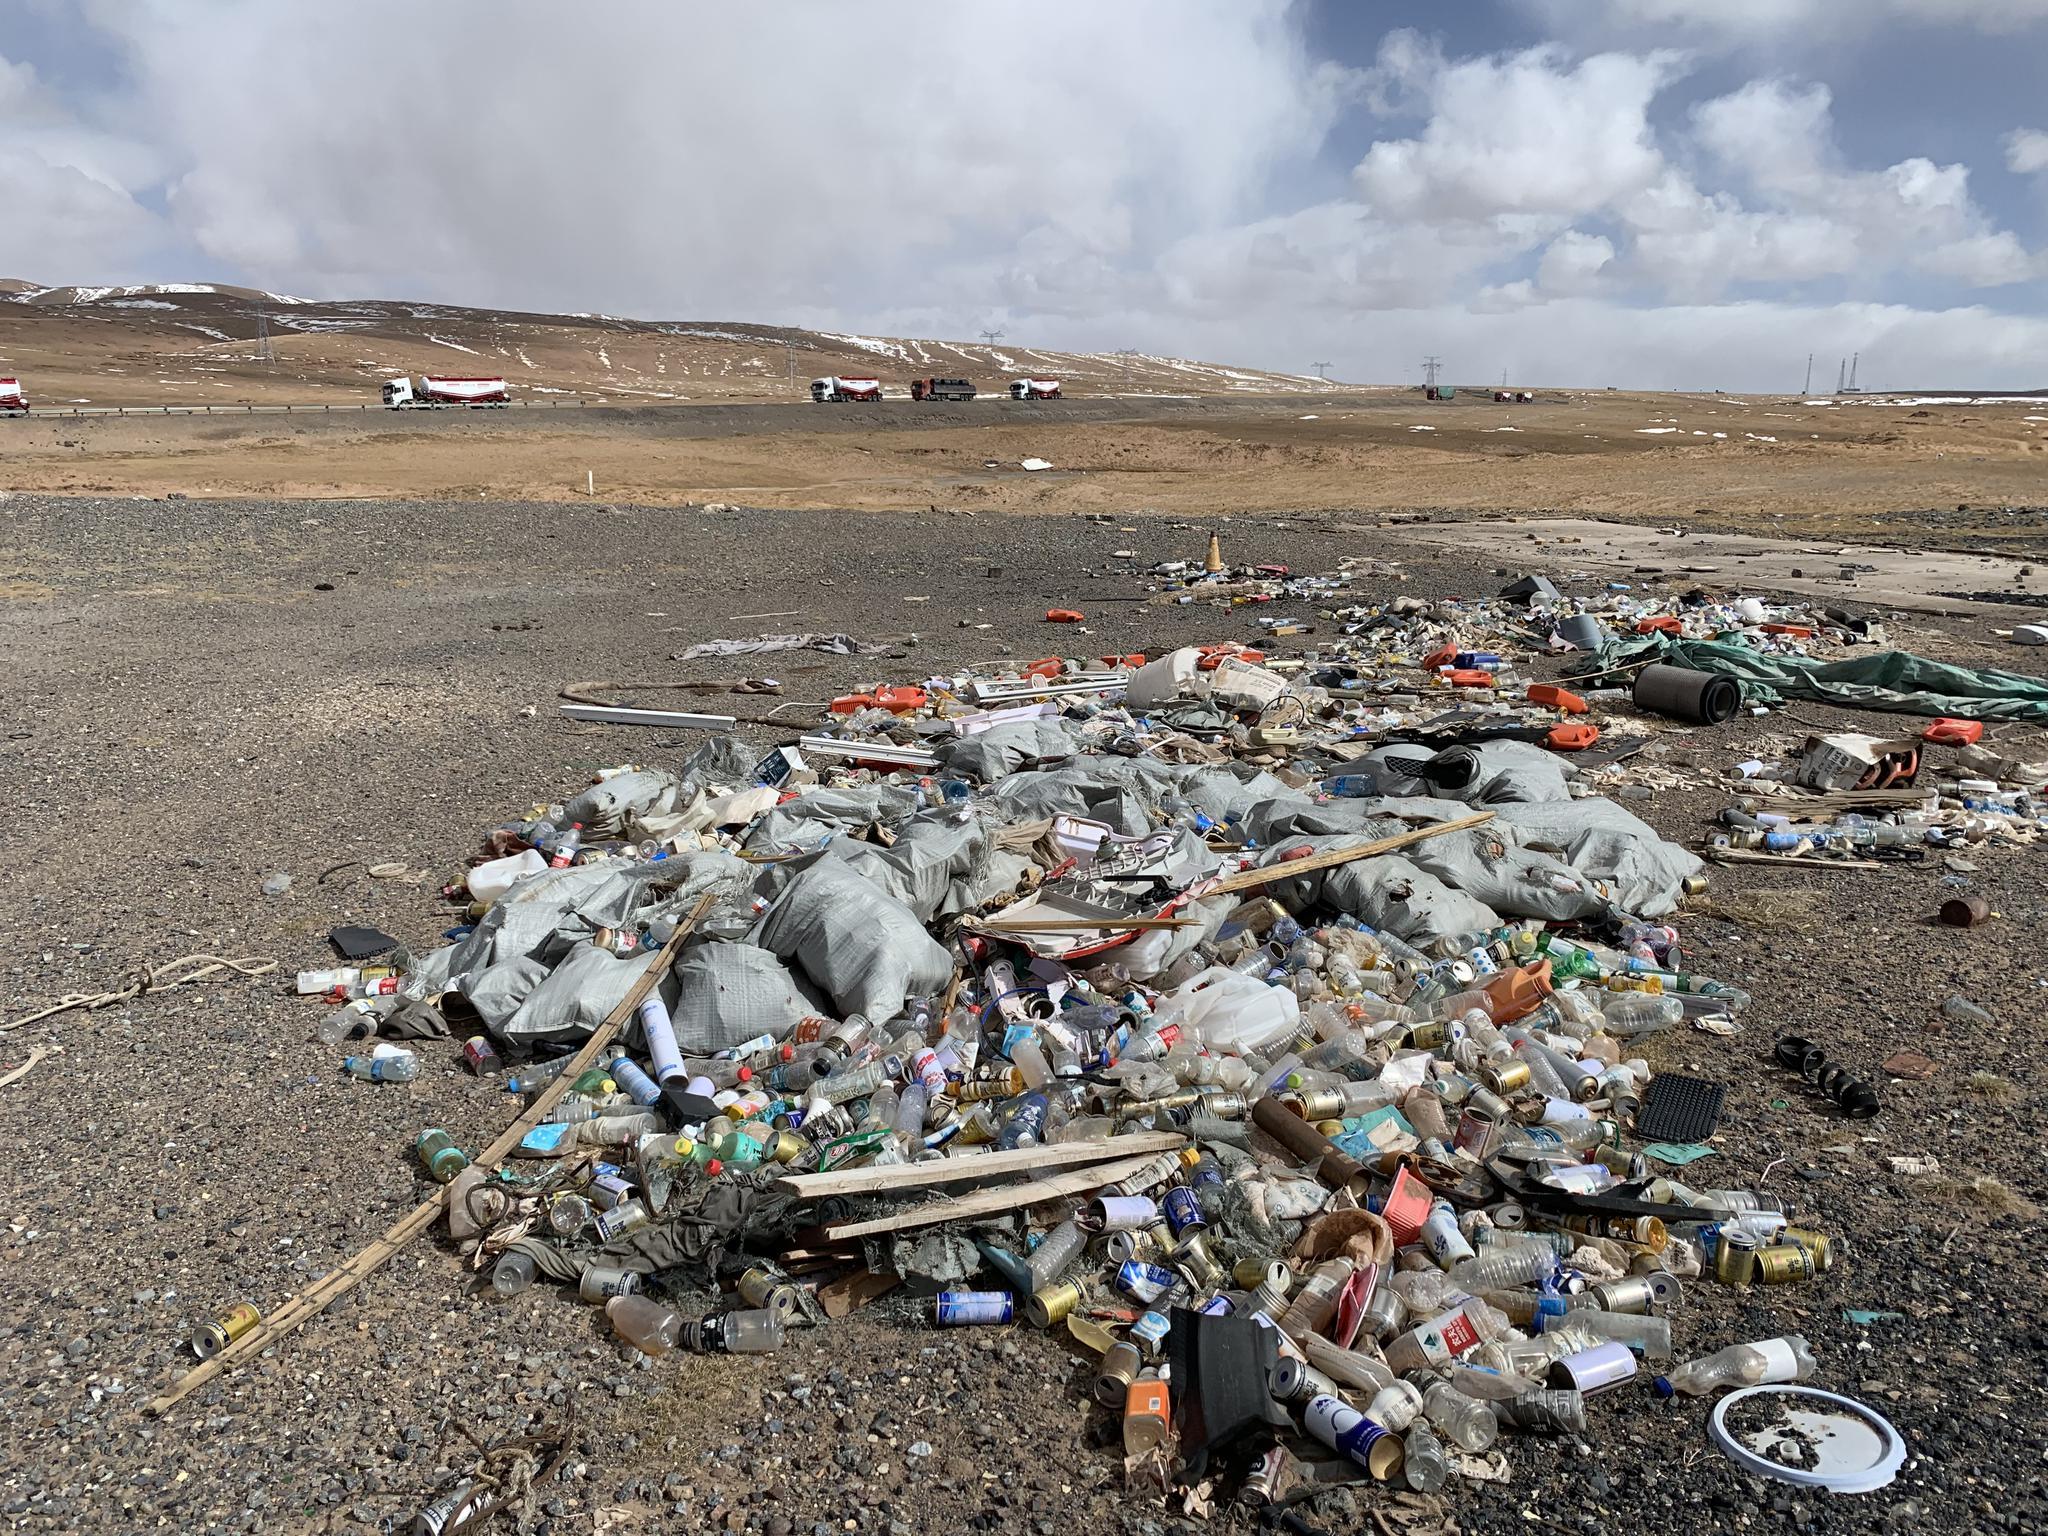 注:青藏公路,在3018公里牌的路牌附近的垃圾,2019年8月5日,金冠时 摄。   青藏公路为109国道的一部分,109国道全长3922千米。